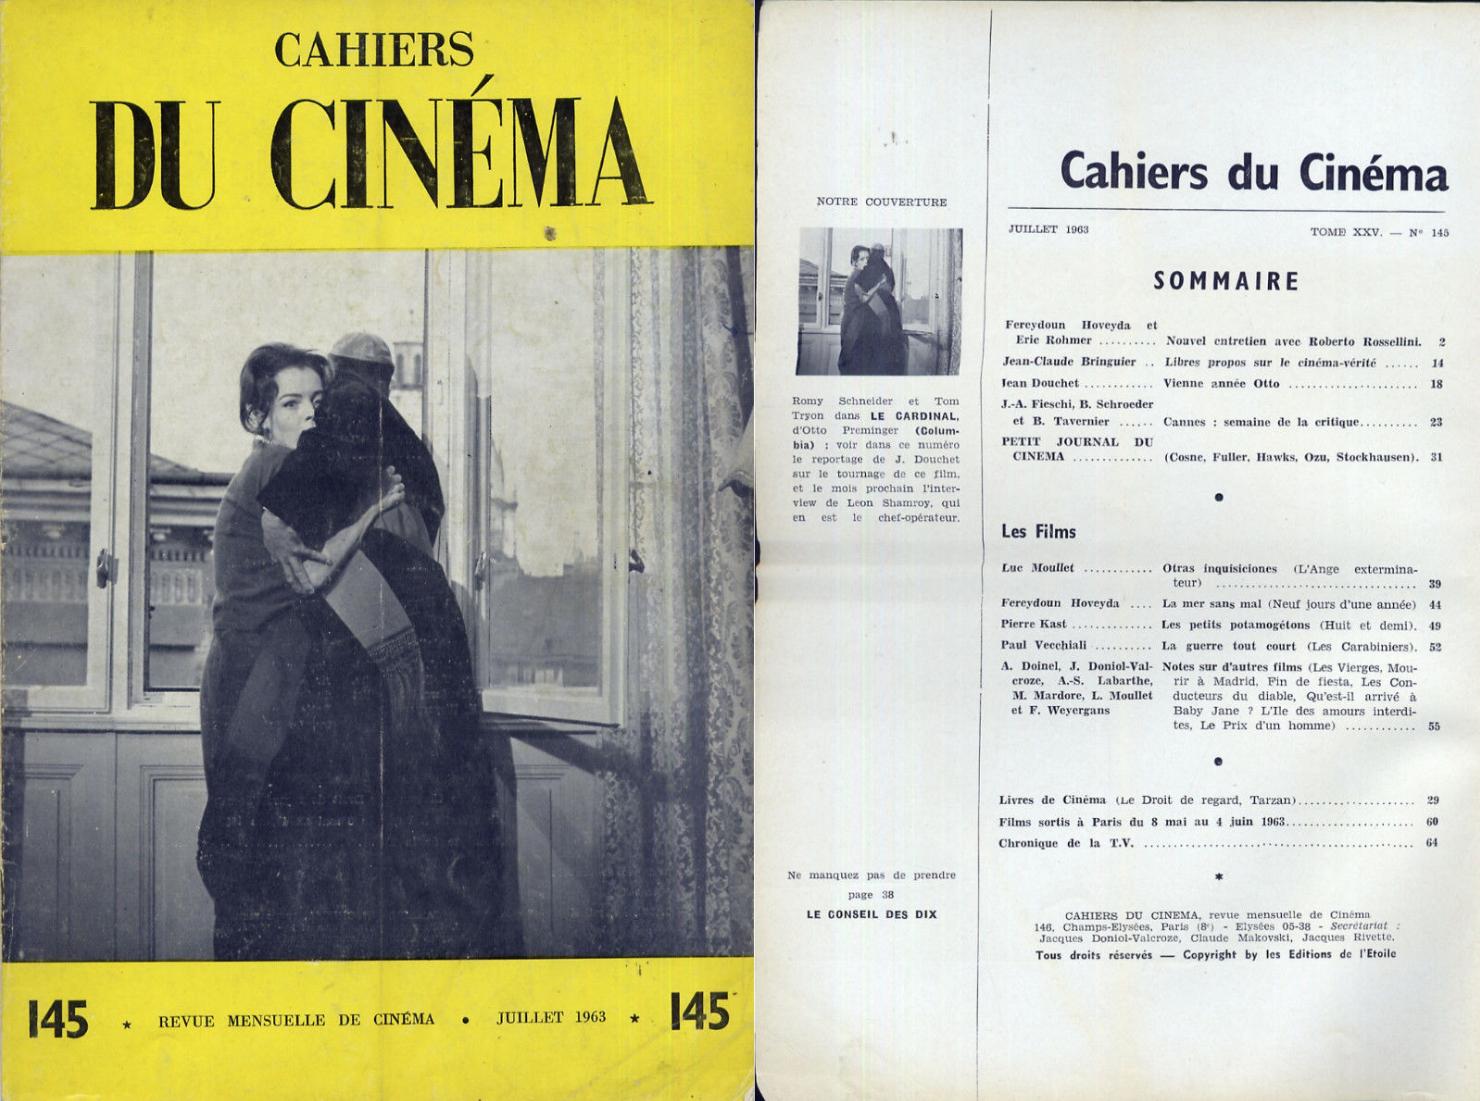 Julio de 1963: Eric Rohmer, Roberto Rossellini, Cannes, Fuller, Hawks, Ozu...